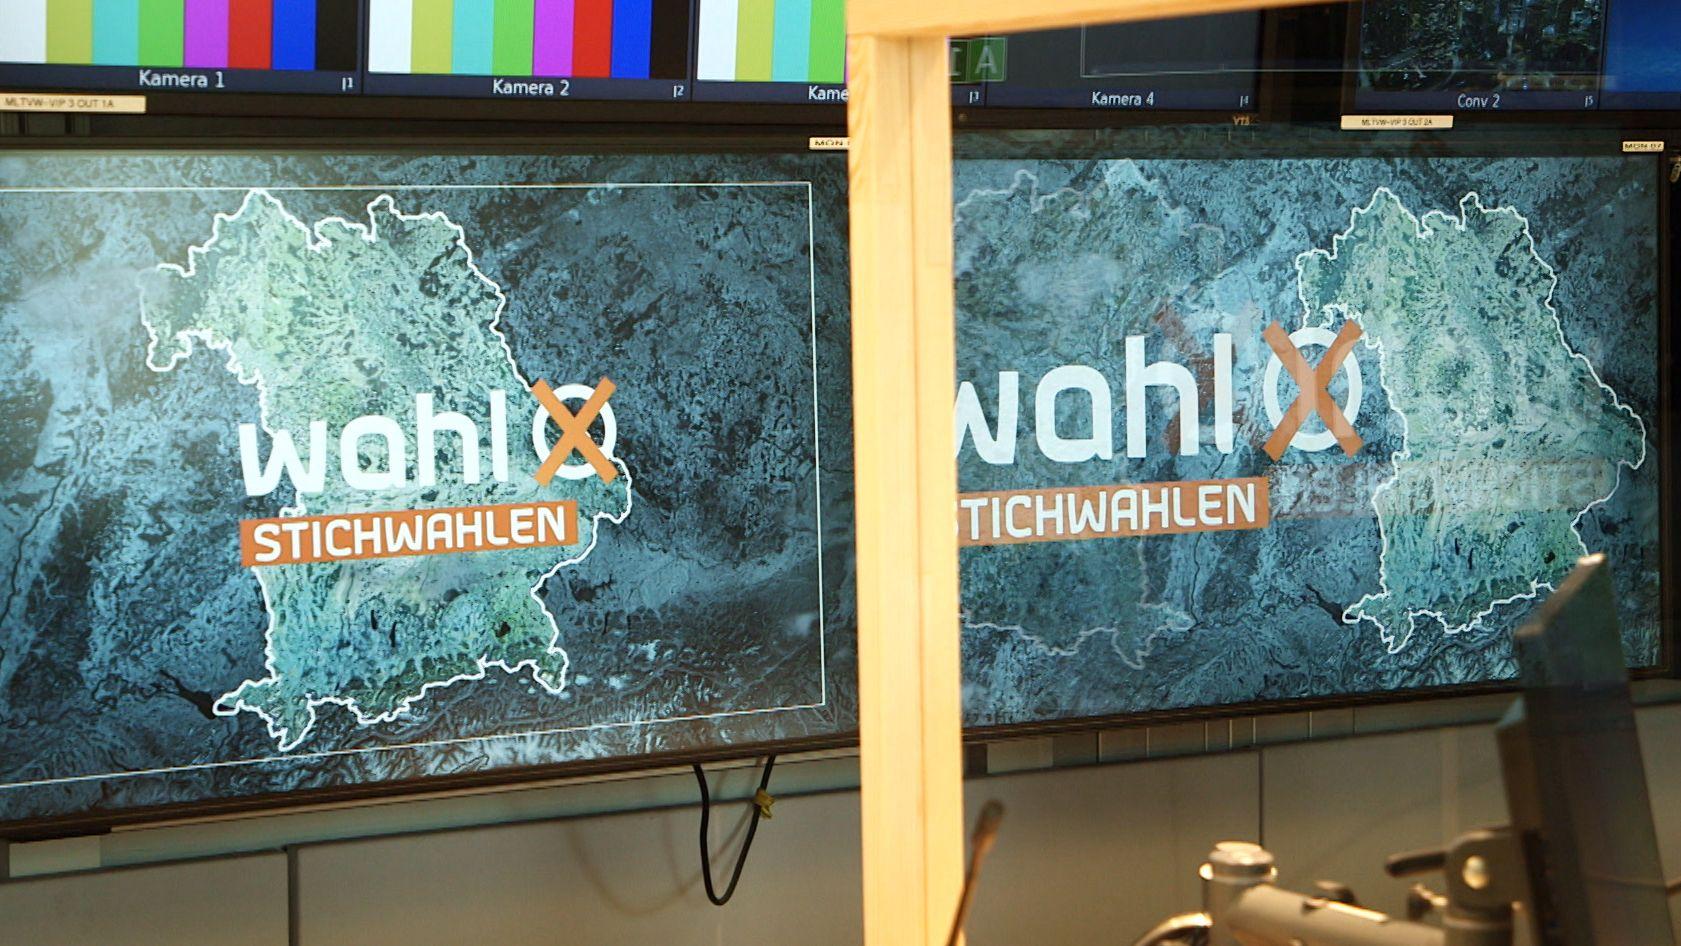 Monitore mit dem BR-Logo für die Stichwahl der Kommunalwahl 2020